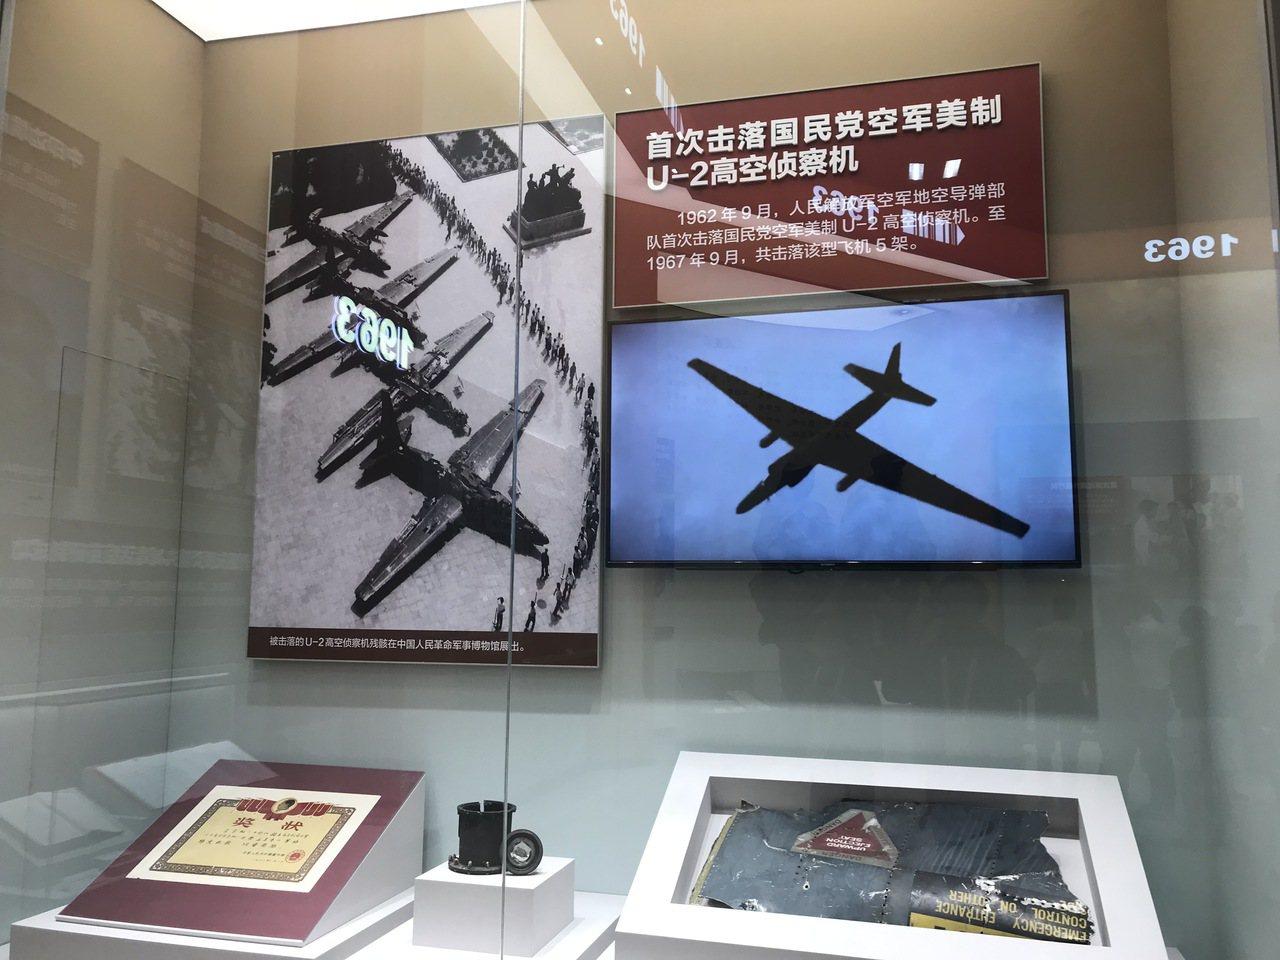 北京展覽館正展出「建政七十大型成就展」,展出七十年來的大陸發展成就,當中也有部分...